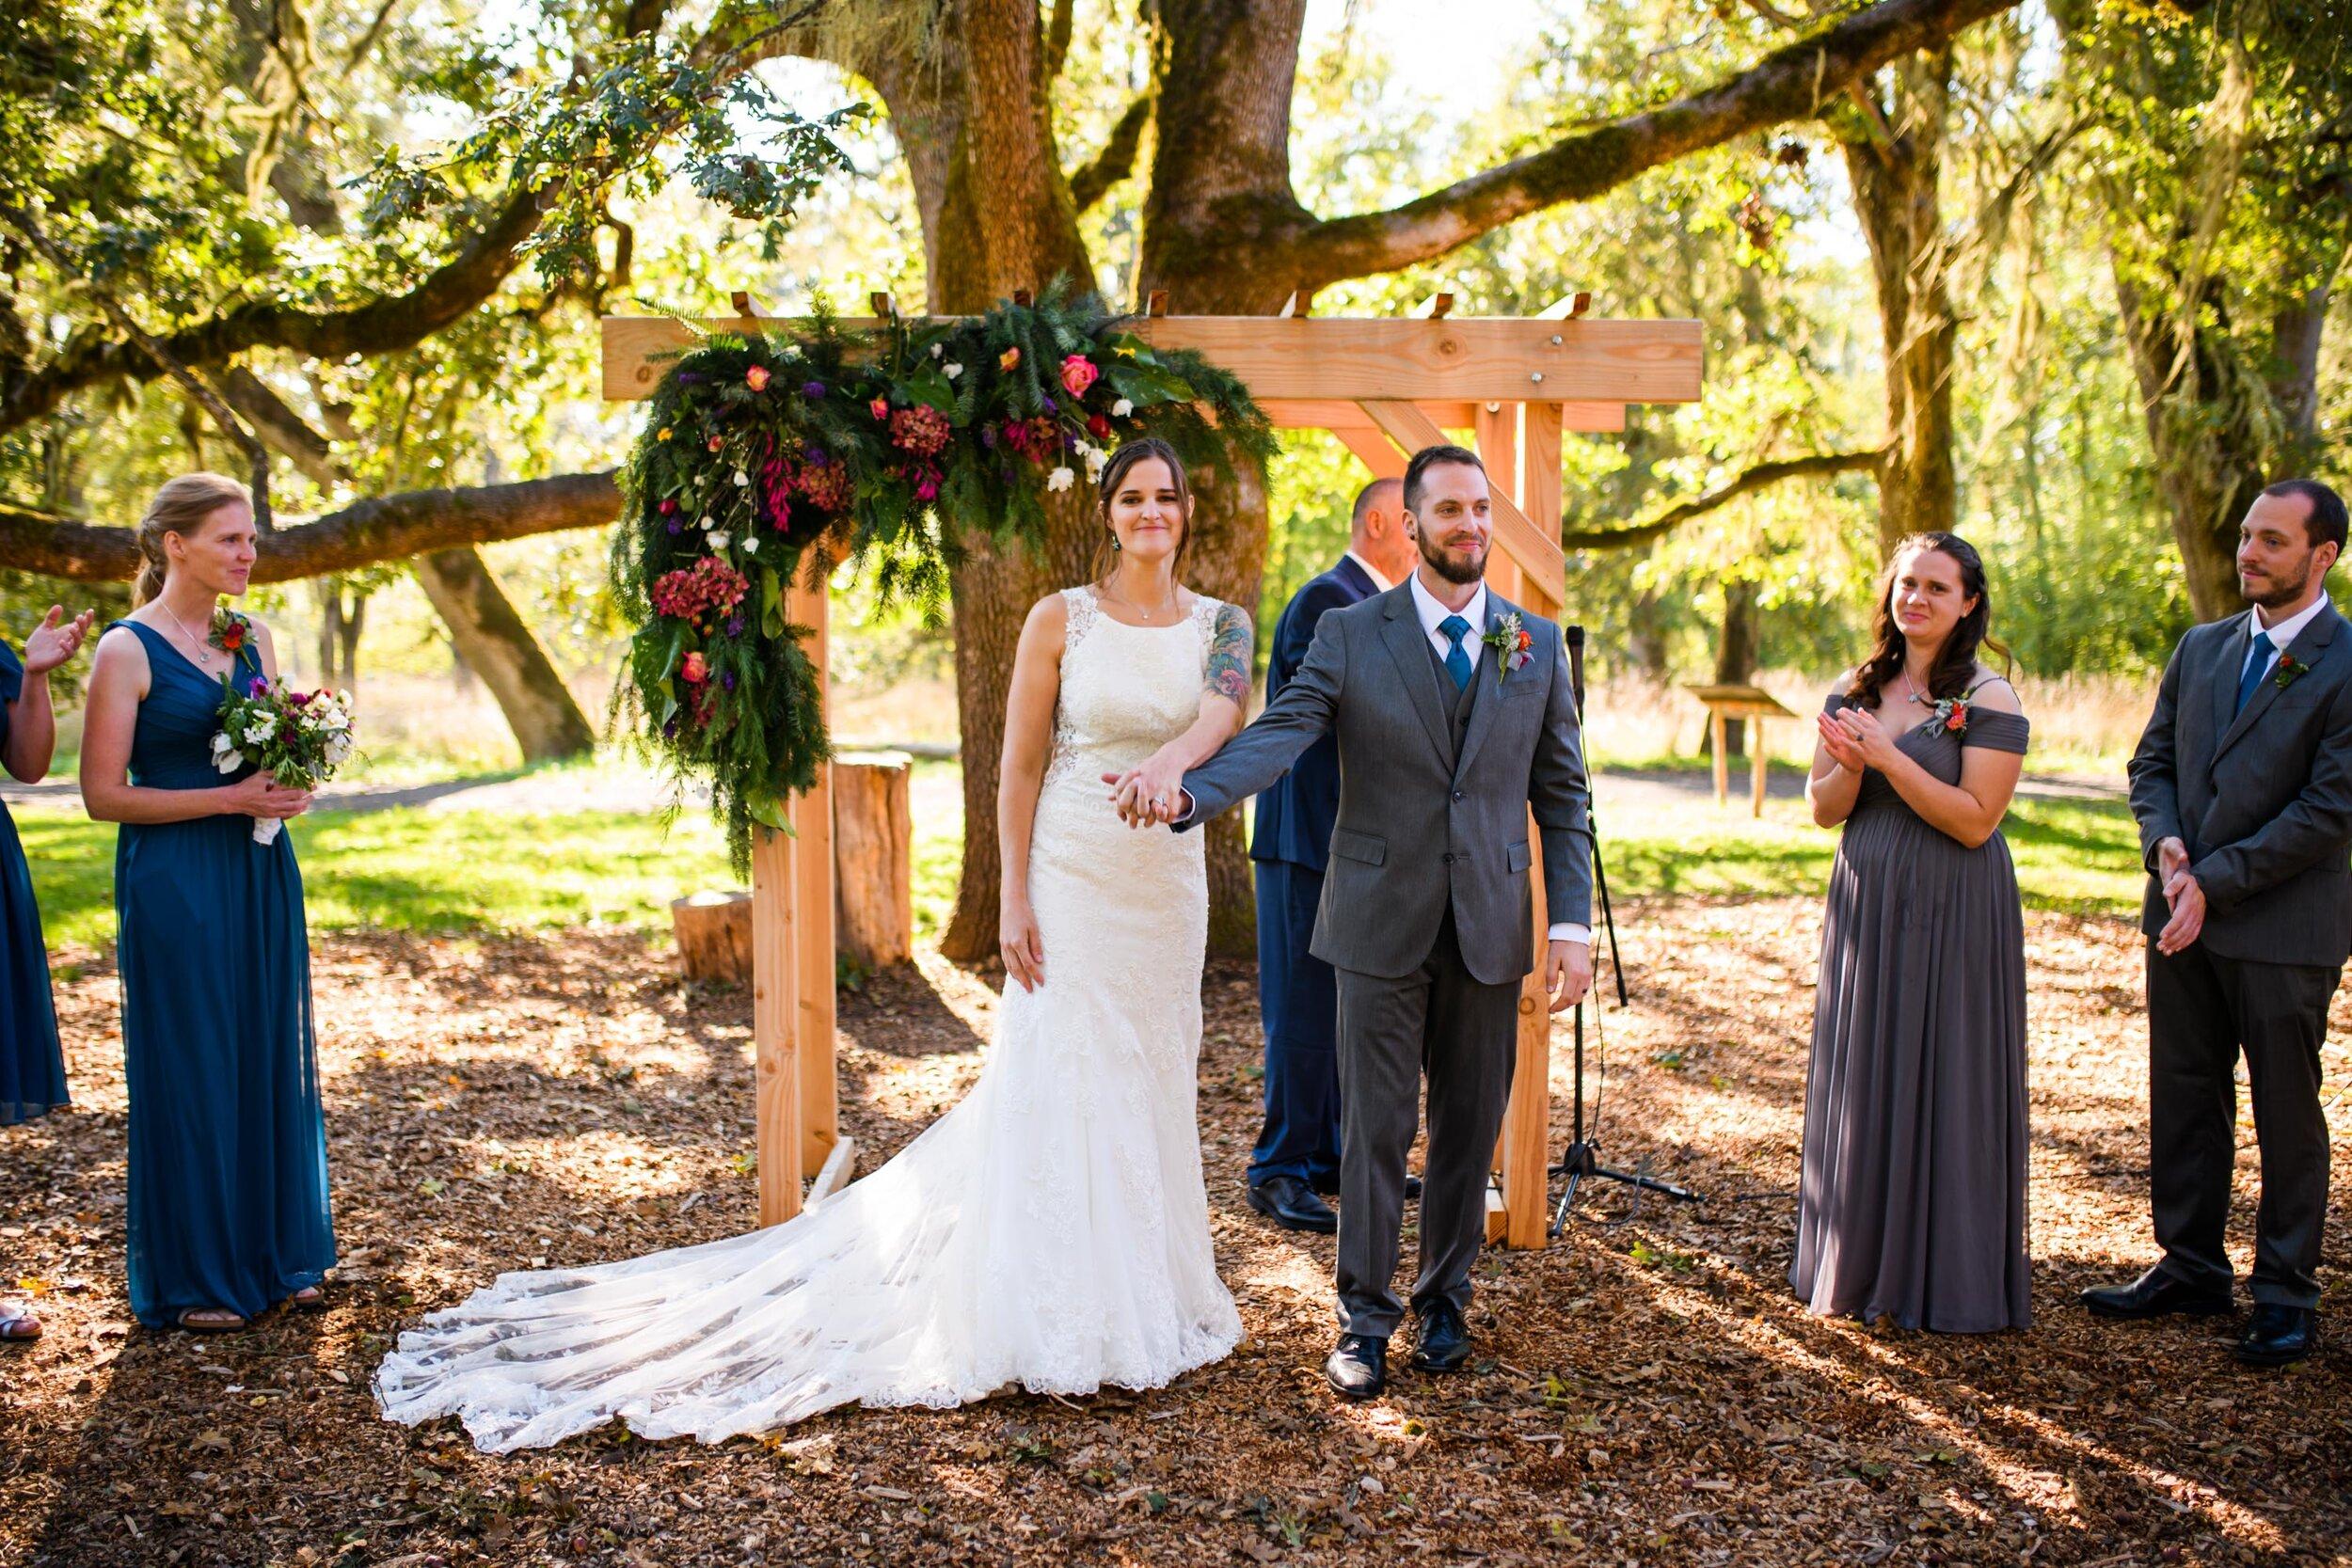 Mt. Pisgah Arboretum wedding photos 83.JPG